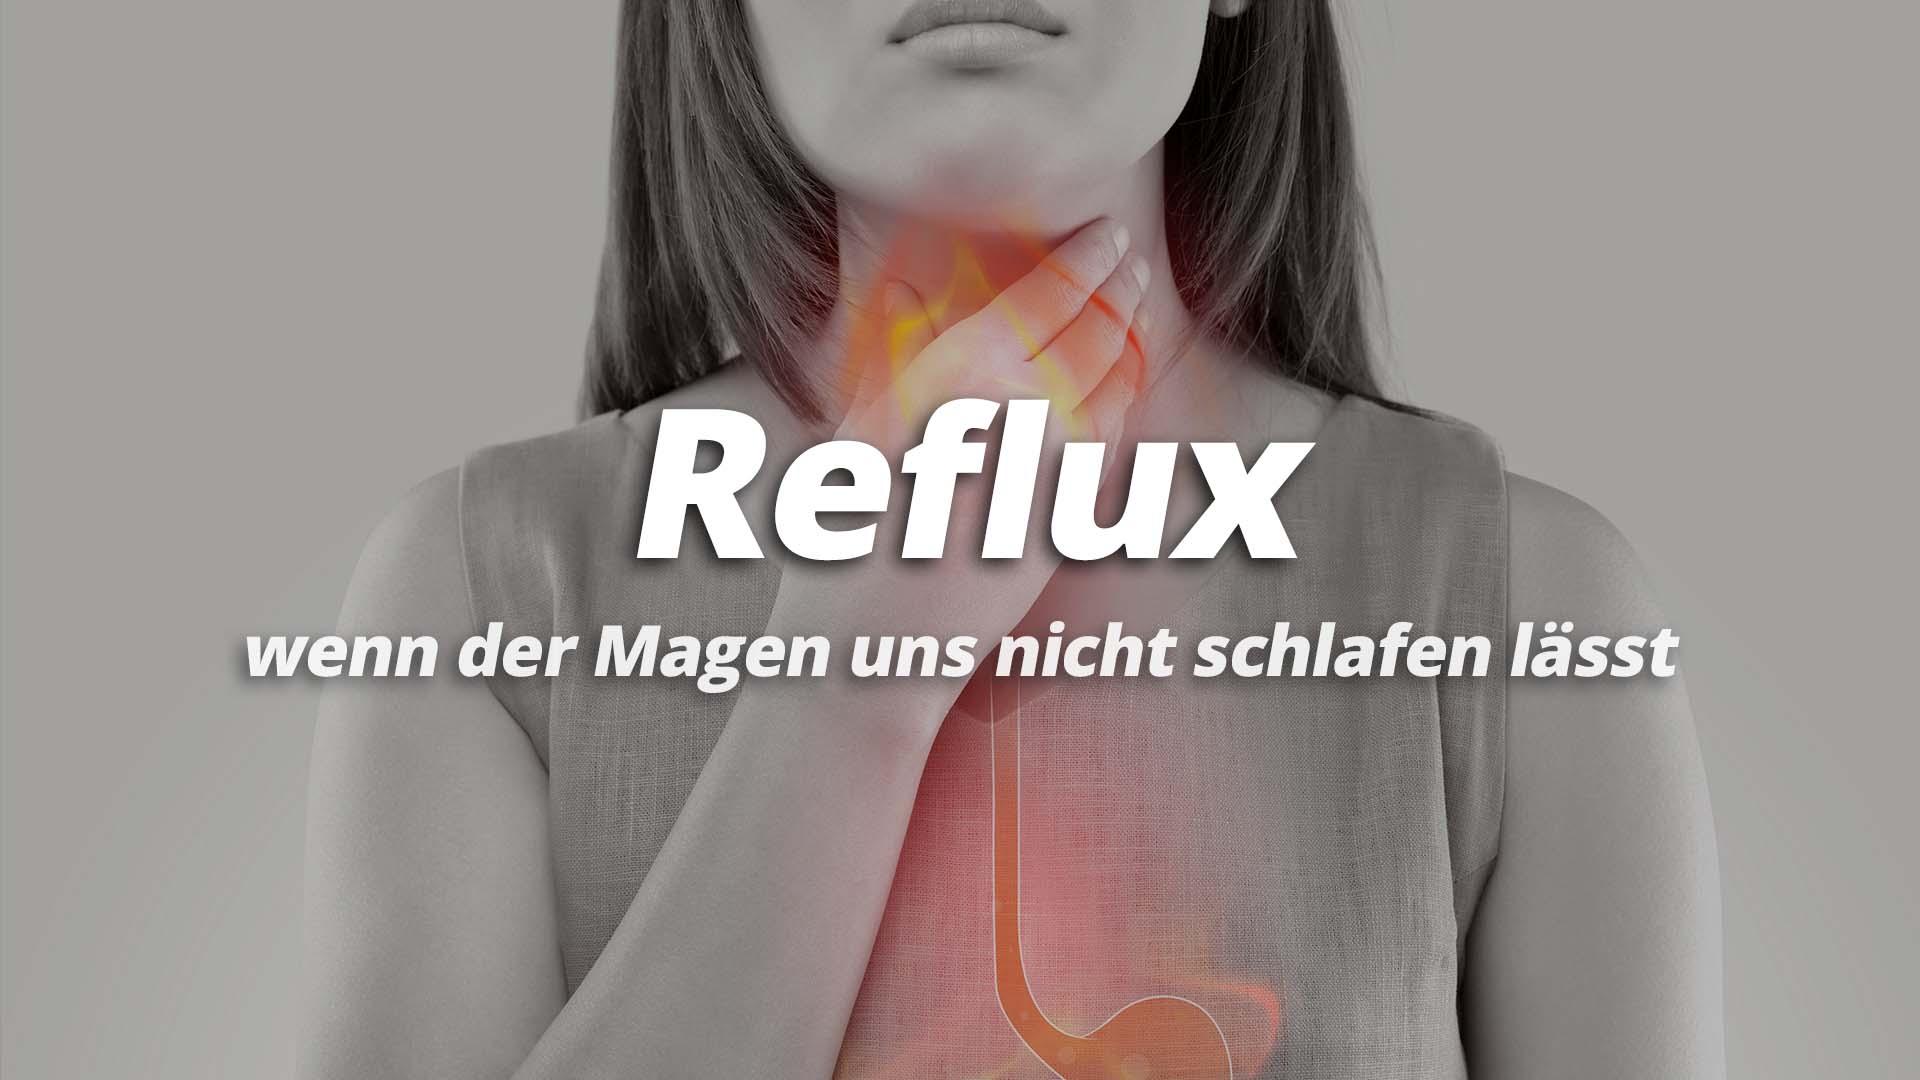 reflux-wenn-der-magen uns nicht schlafen lässt